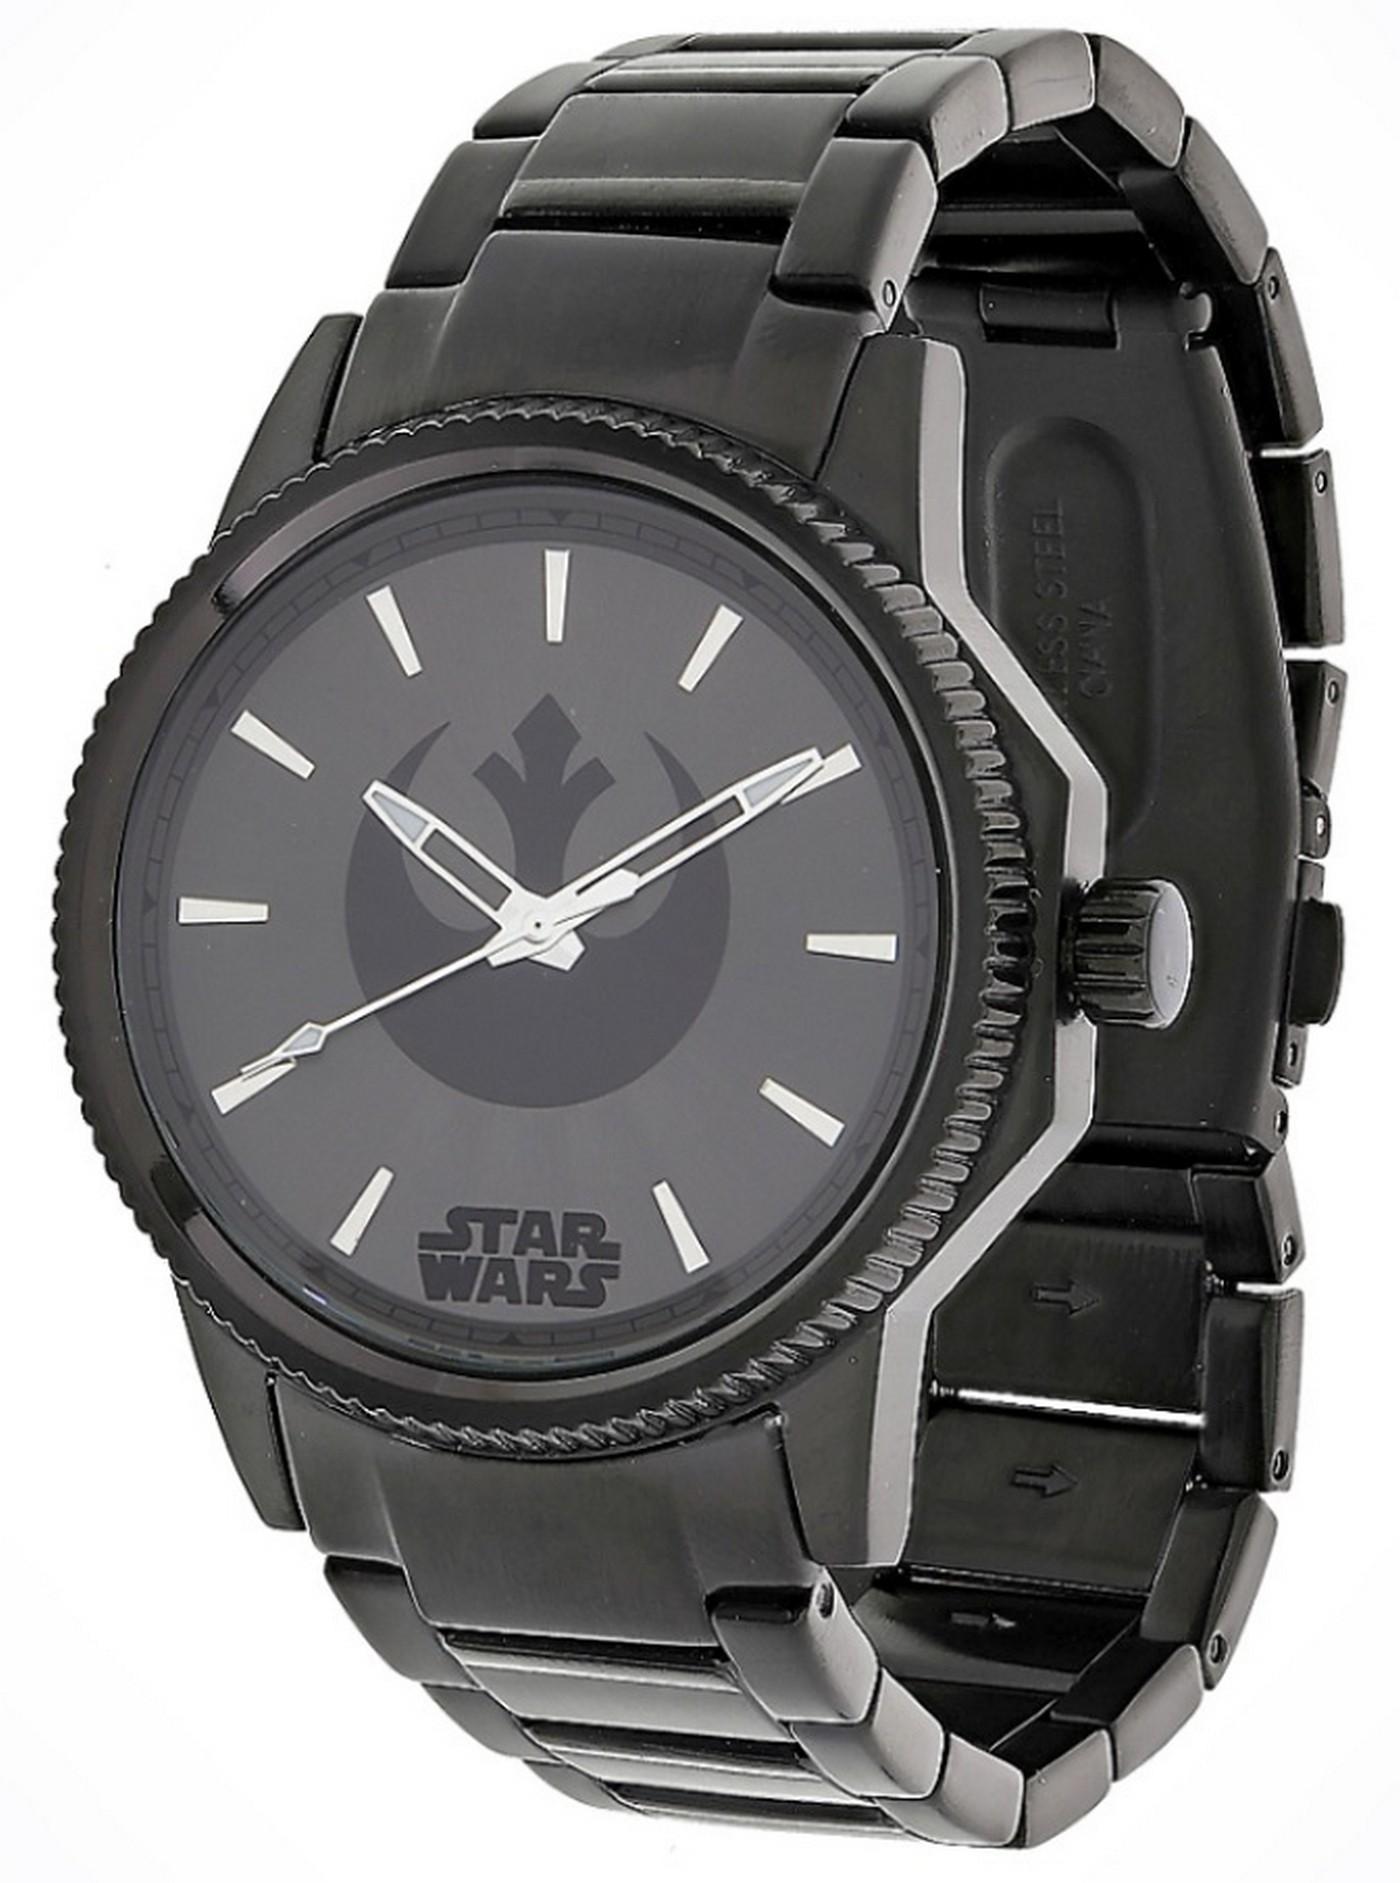 Star Wars Alliance Starbird Stainless Steel Wrist Watch